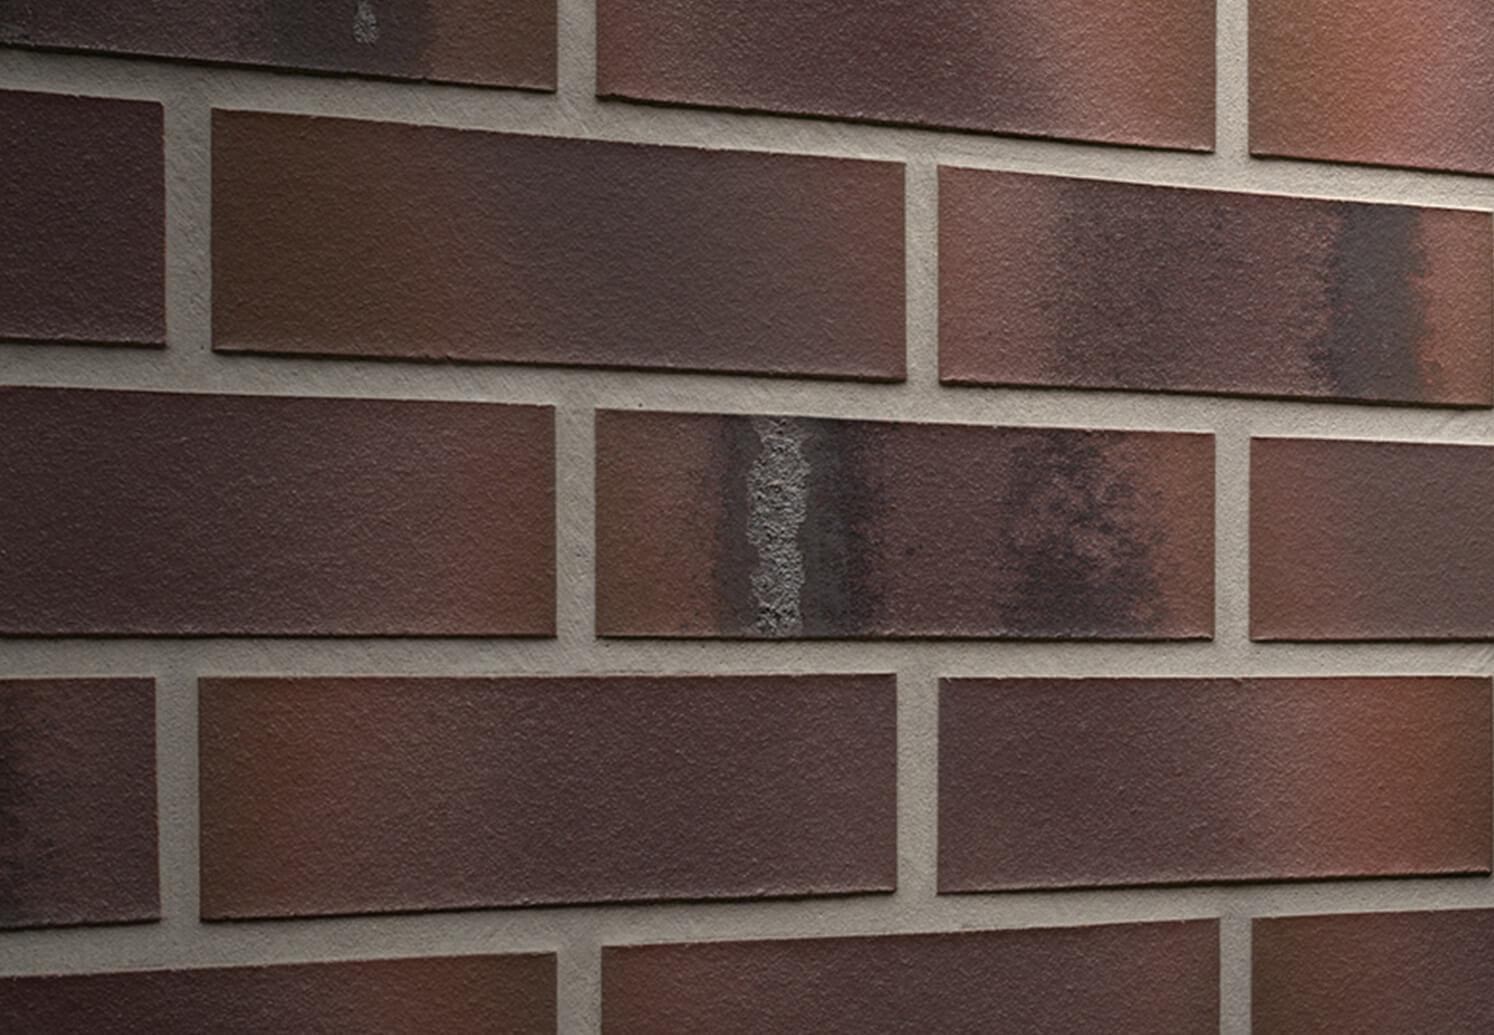 Feldhaus Klinker - R561NF14, Carbona Carmesi Maritimo, 240x14x71 - Клинкерная плитка для фасада и внутренней отделки